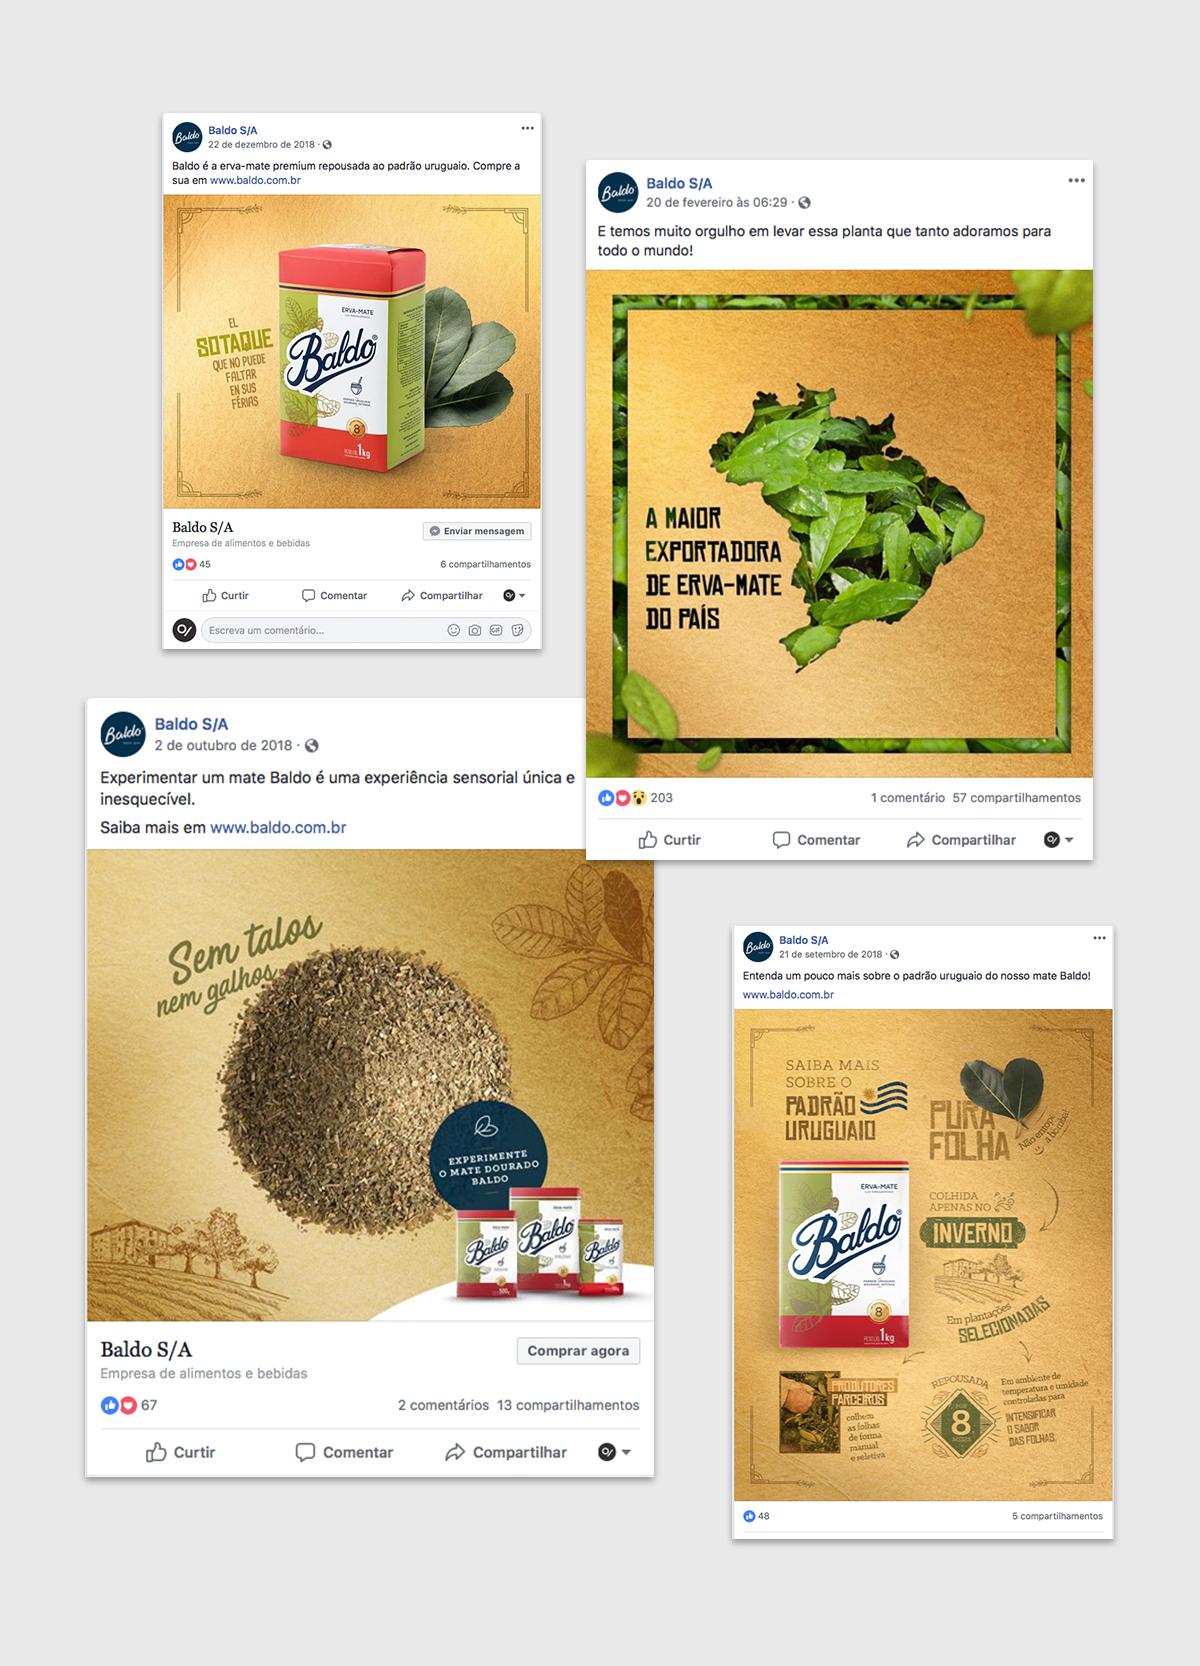 posts-redes-sociais-agencia-toyz-baldo-maior-exportadora-de-erva-do-pais-brasil-uruguai-agencia-propaganda-redes-sociais-